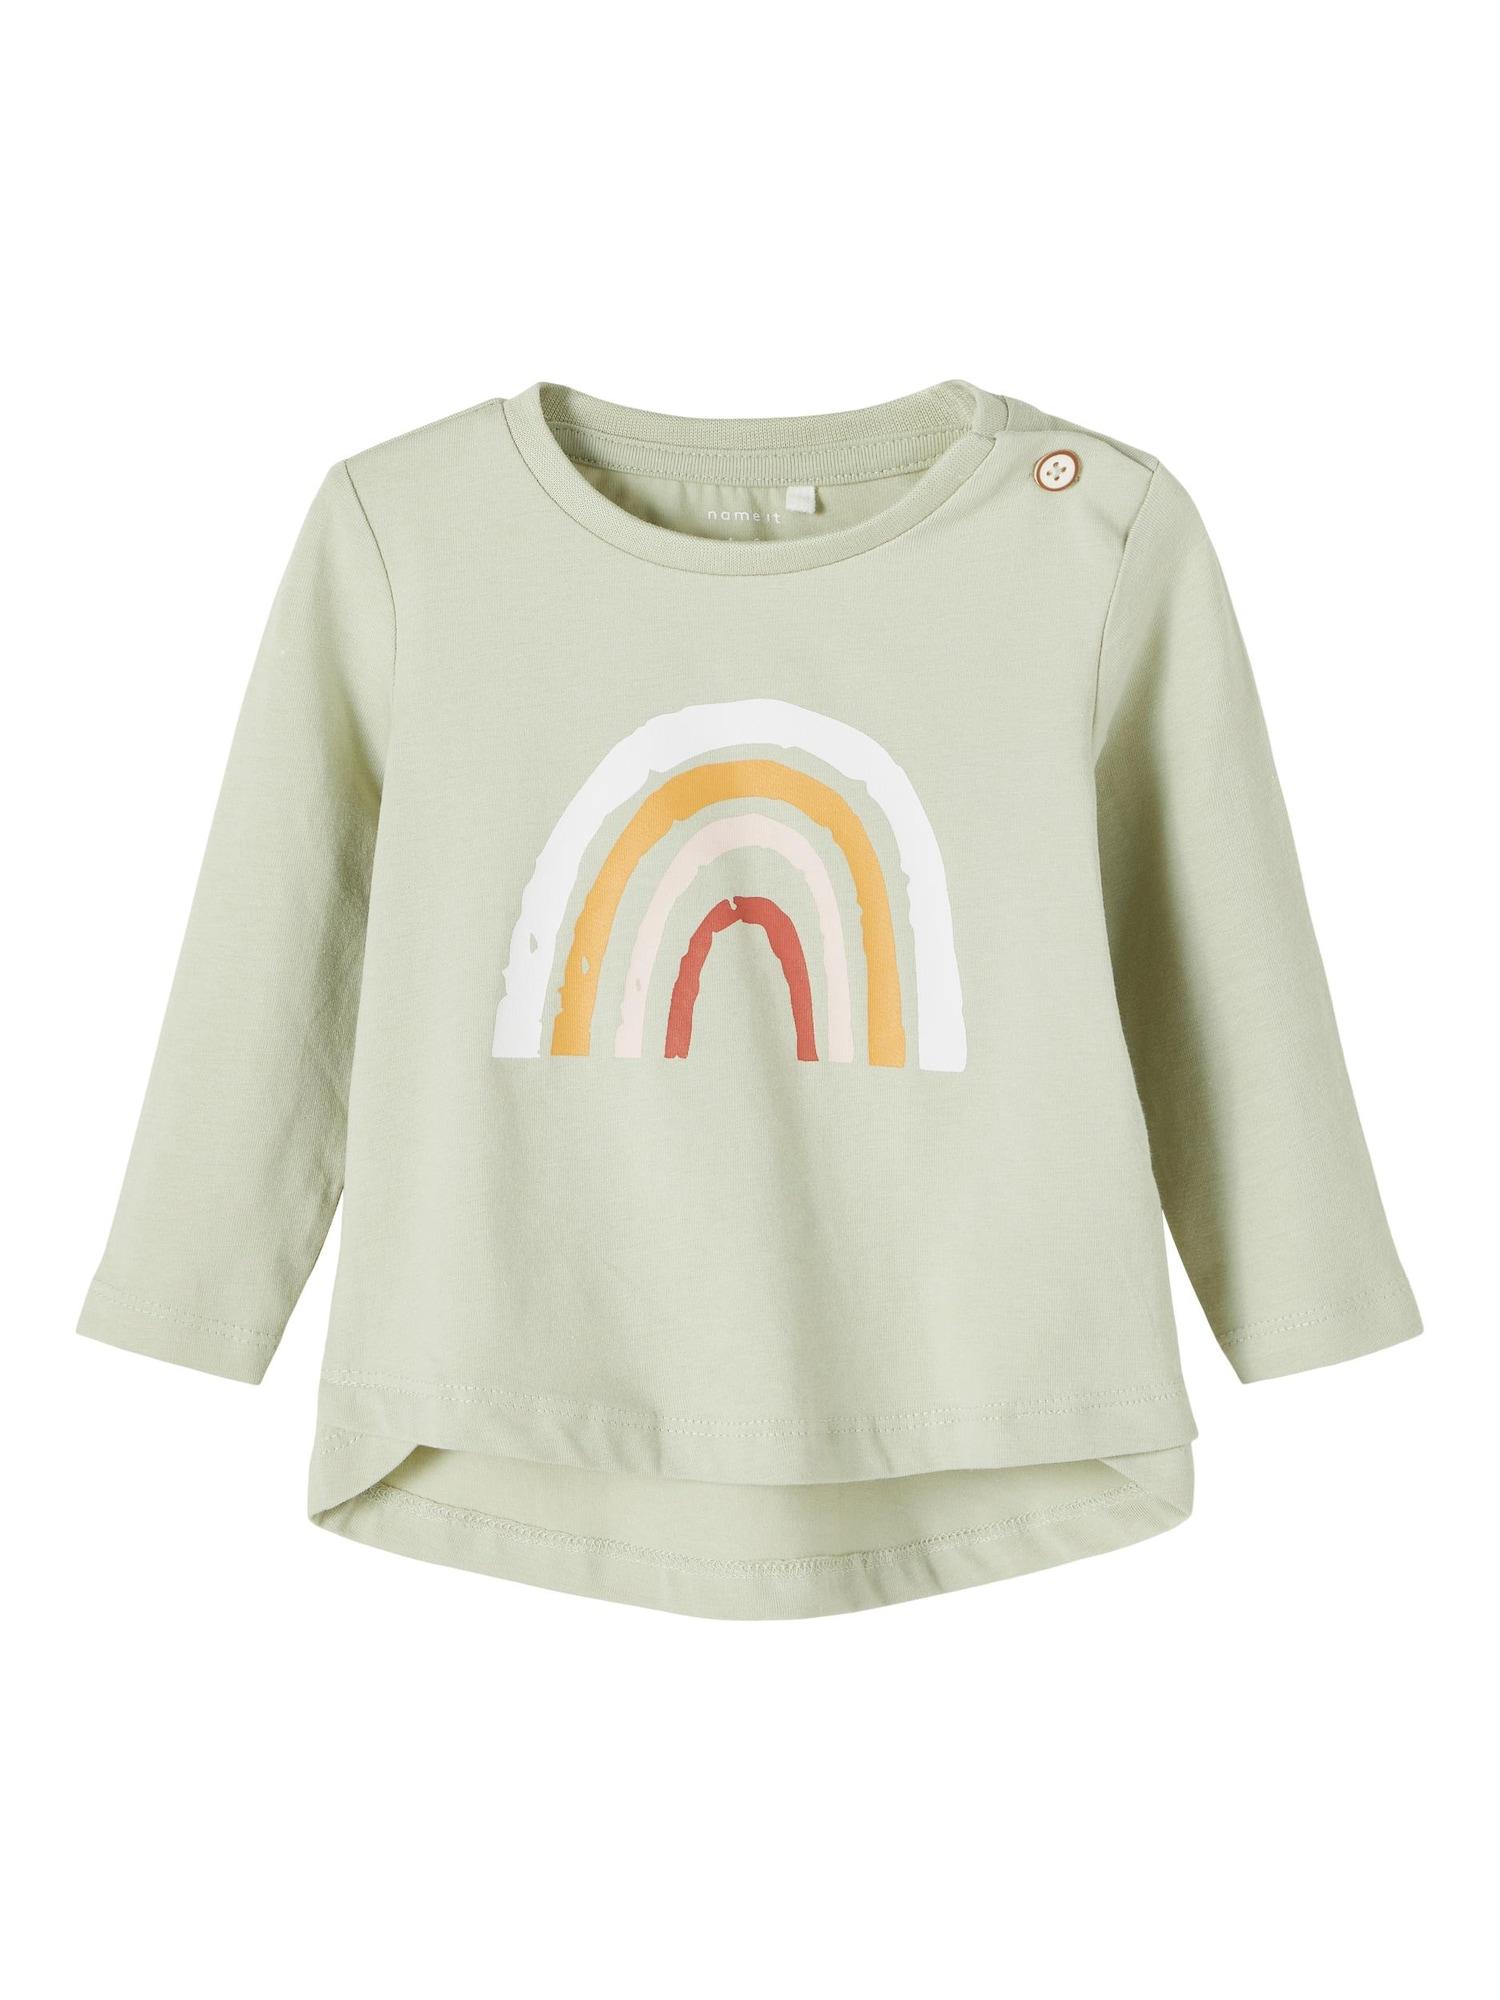 NAME IT Marškinėliai 'Daisi' pastelinė žalia / balta / oranžinė / tamsiai raudona / pudros spalva